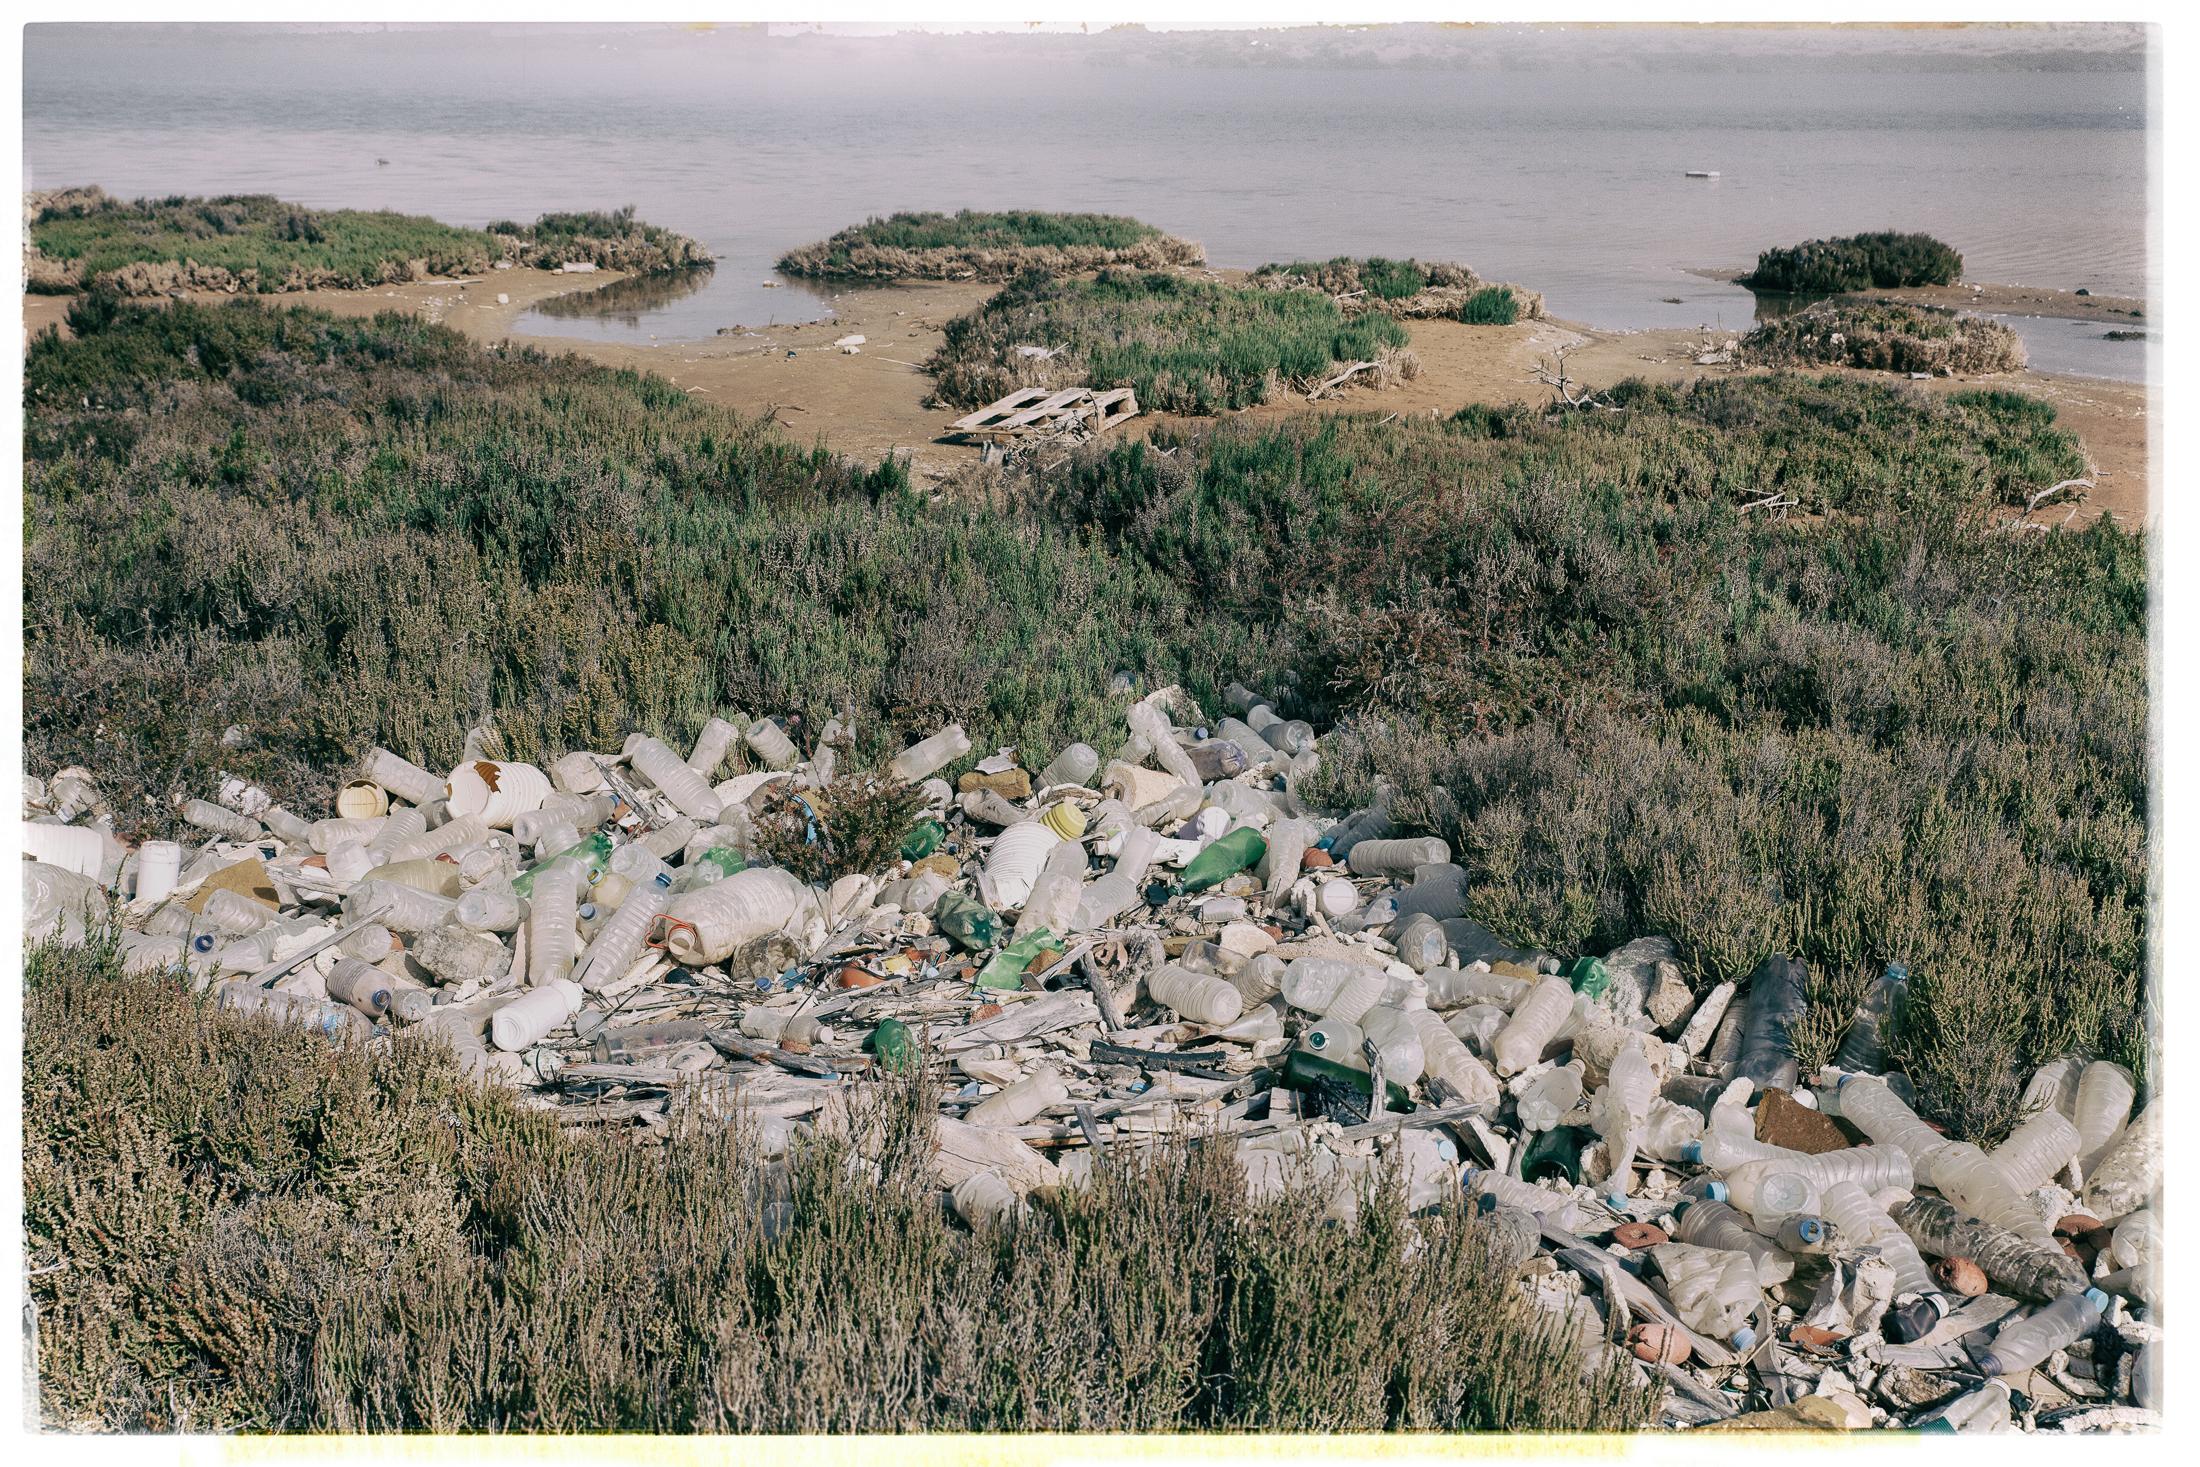 Müll & Plastik